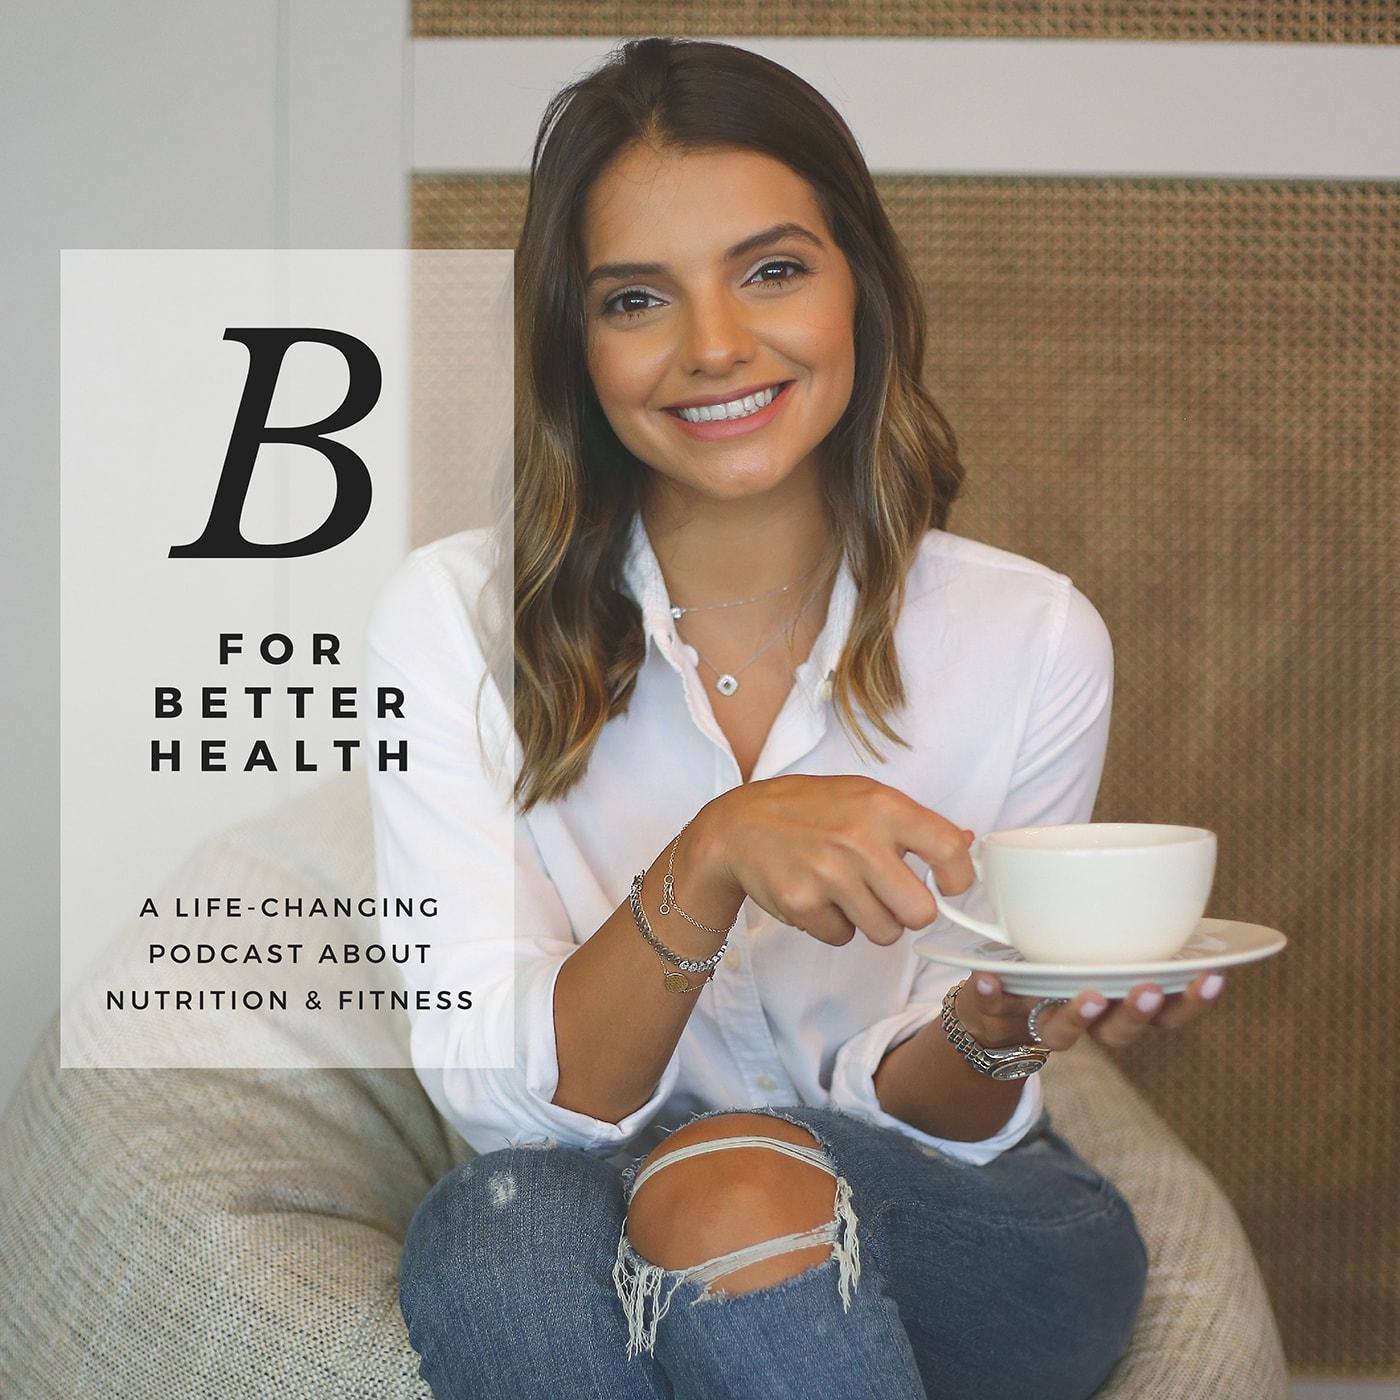 B For Better Health show art